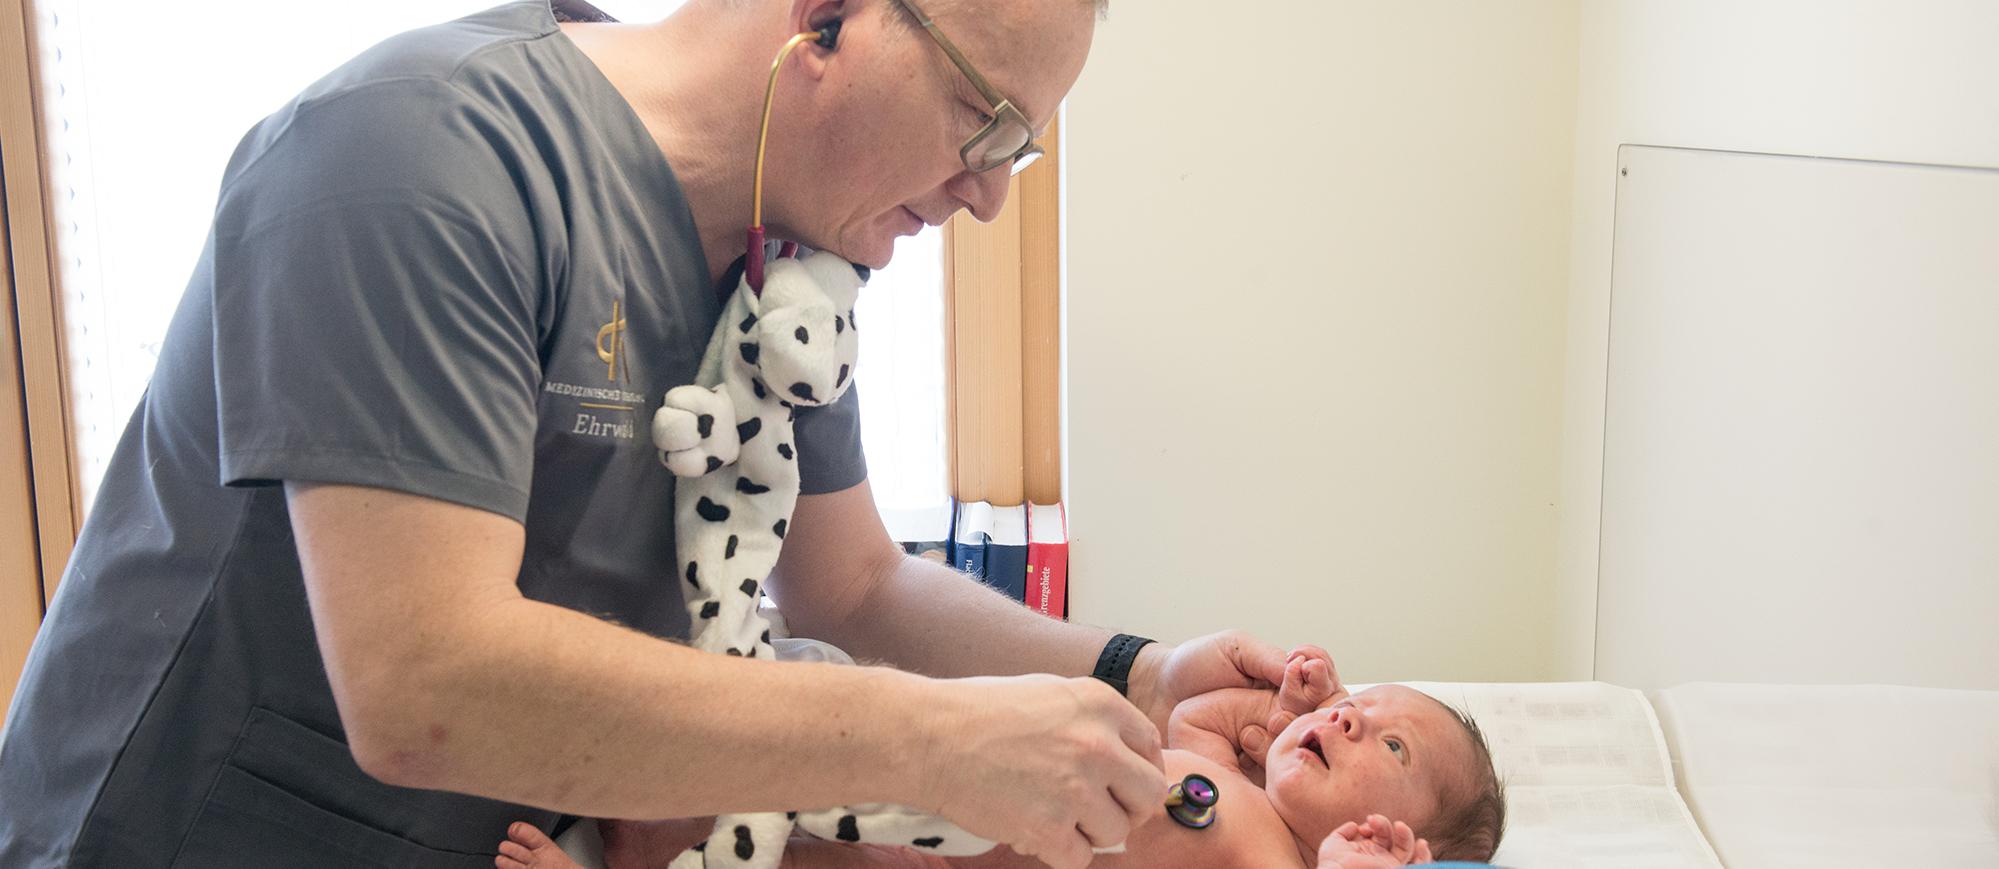 Medizinische Versorgung Ehrwald, Mutter-Kind-Pass alle Untersuchungen, Vorsorge bei Dr. Kewitz